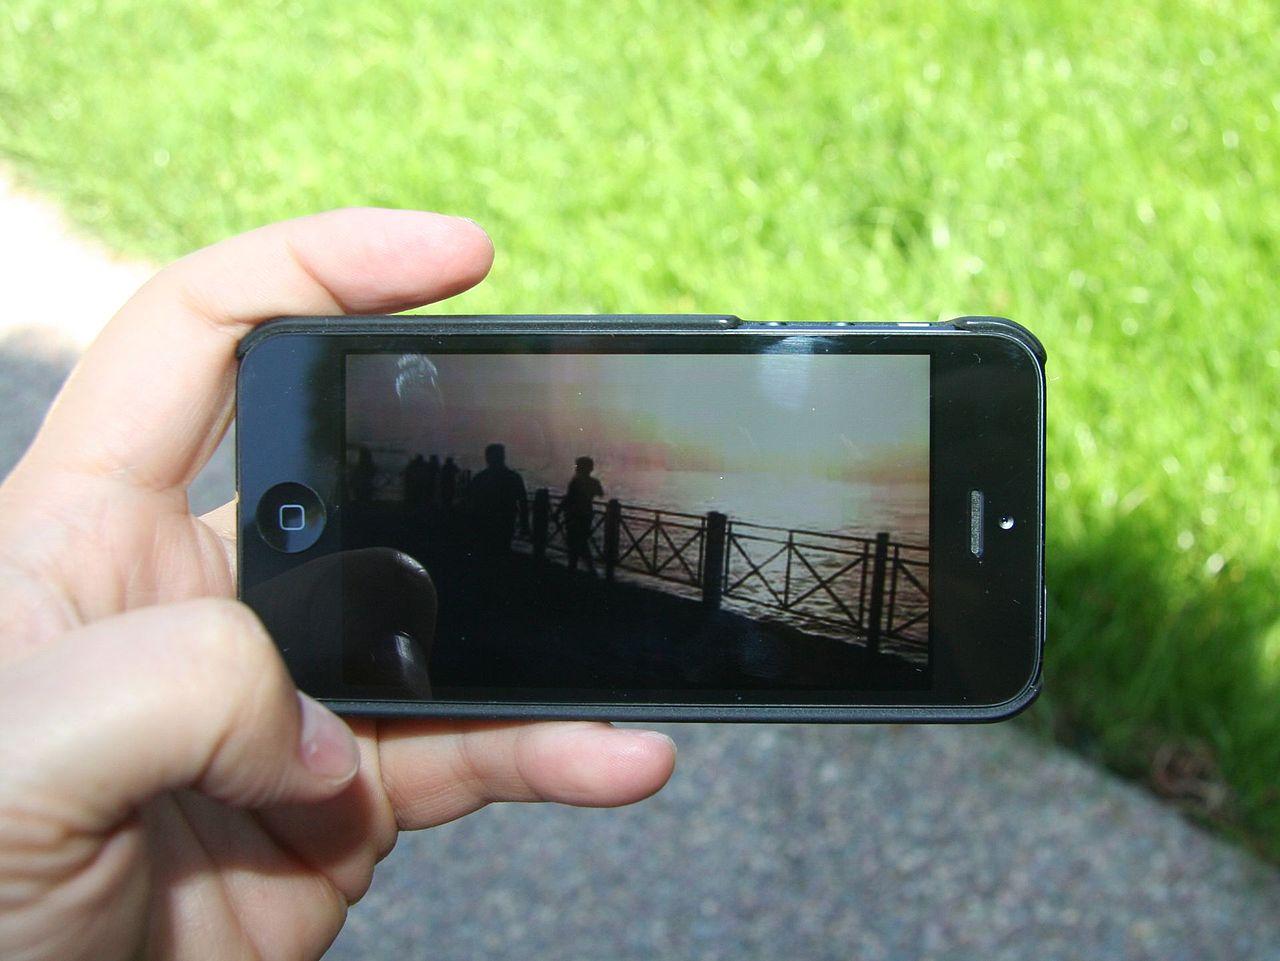 Afspilning af video på mobil